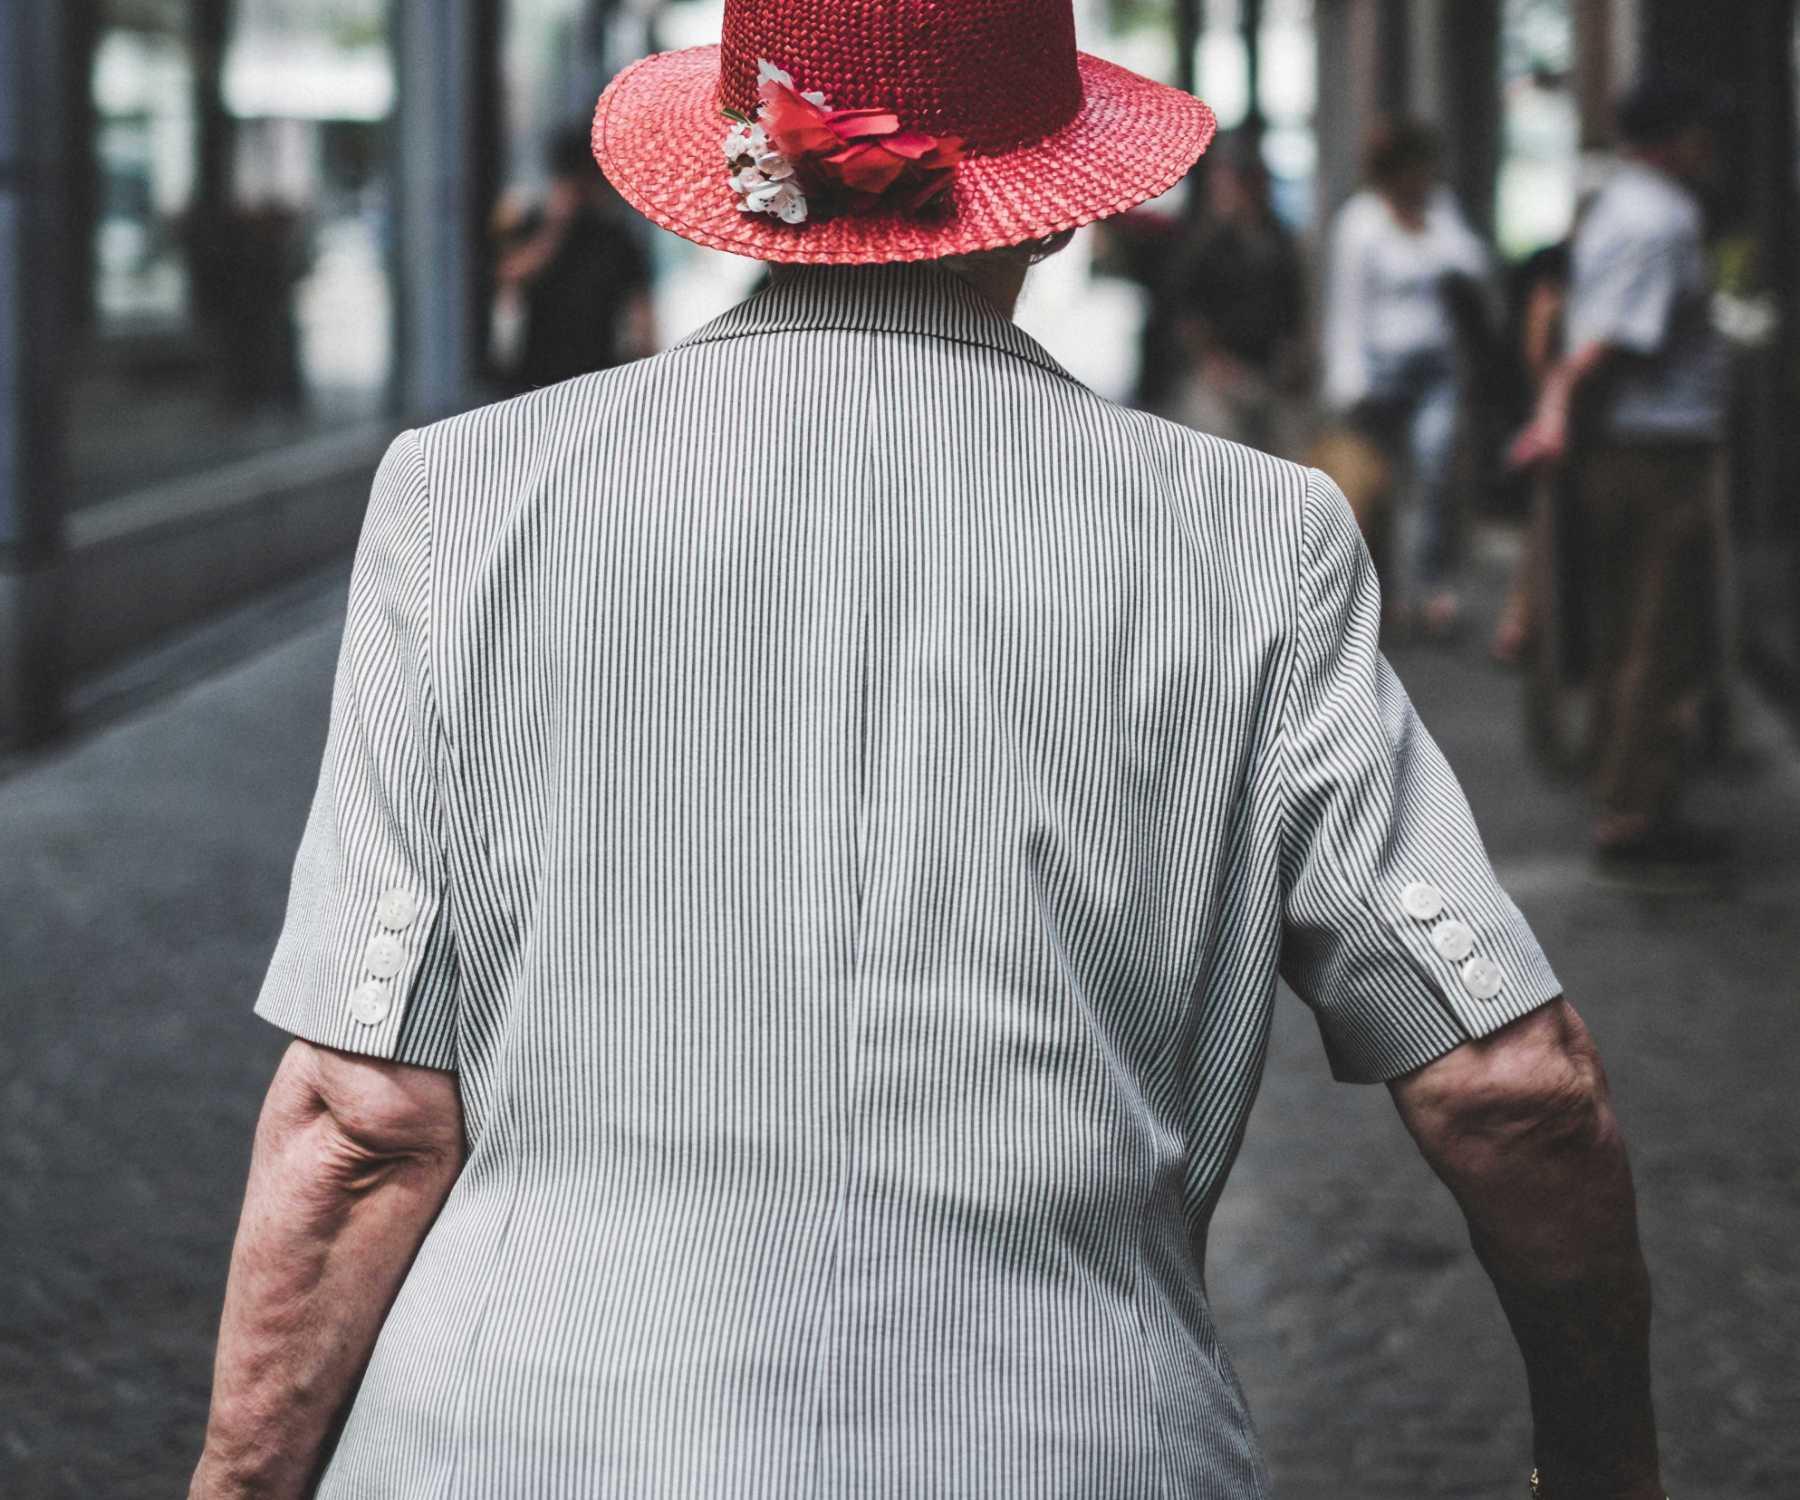 Lien entre graisse du ventre et déficience cognitive chez les personnes âgées